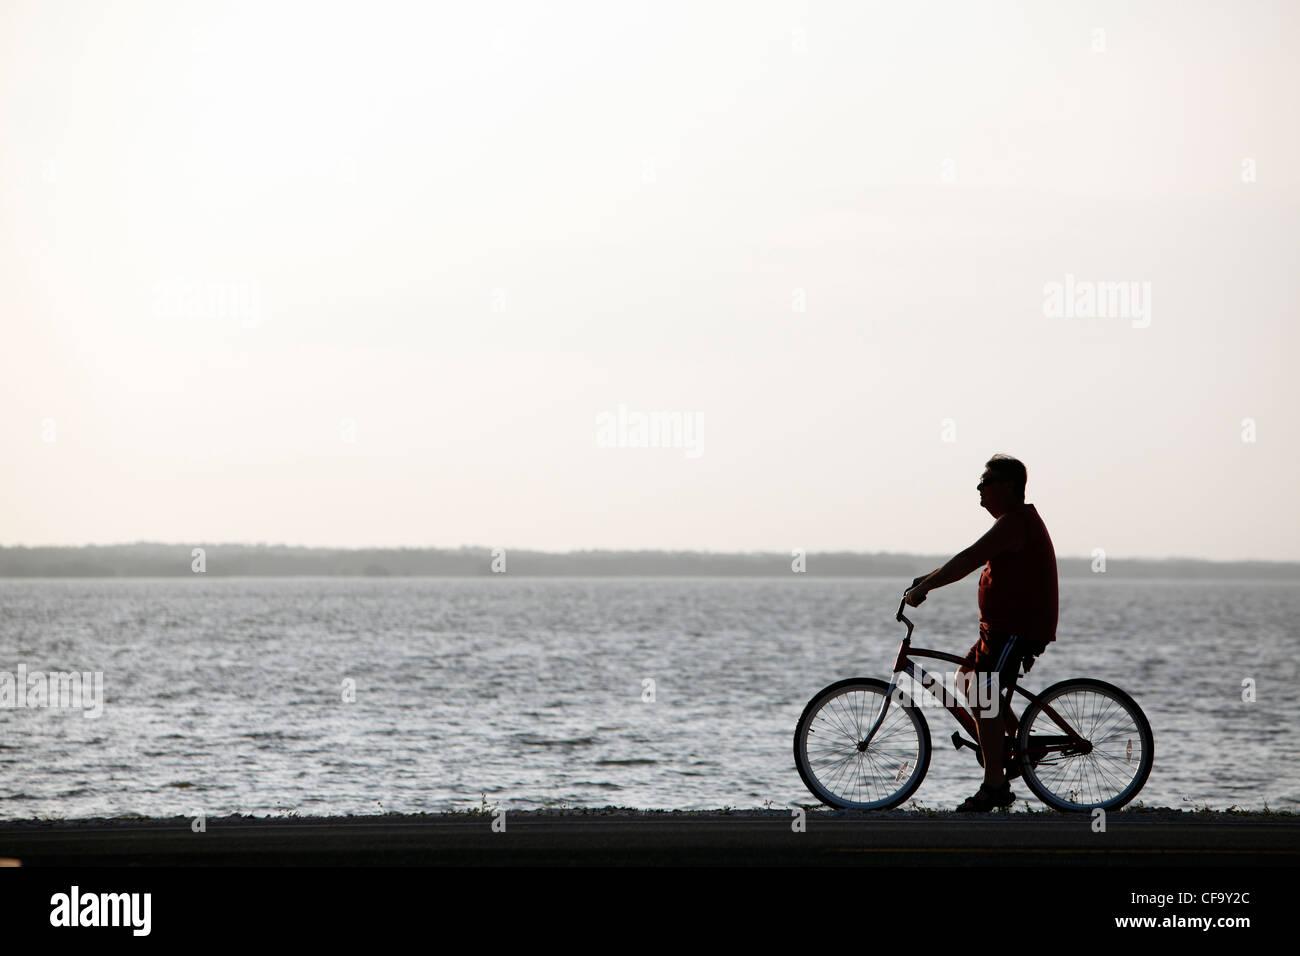 Chokoloskee FL Middle Eastern Single Men